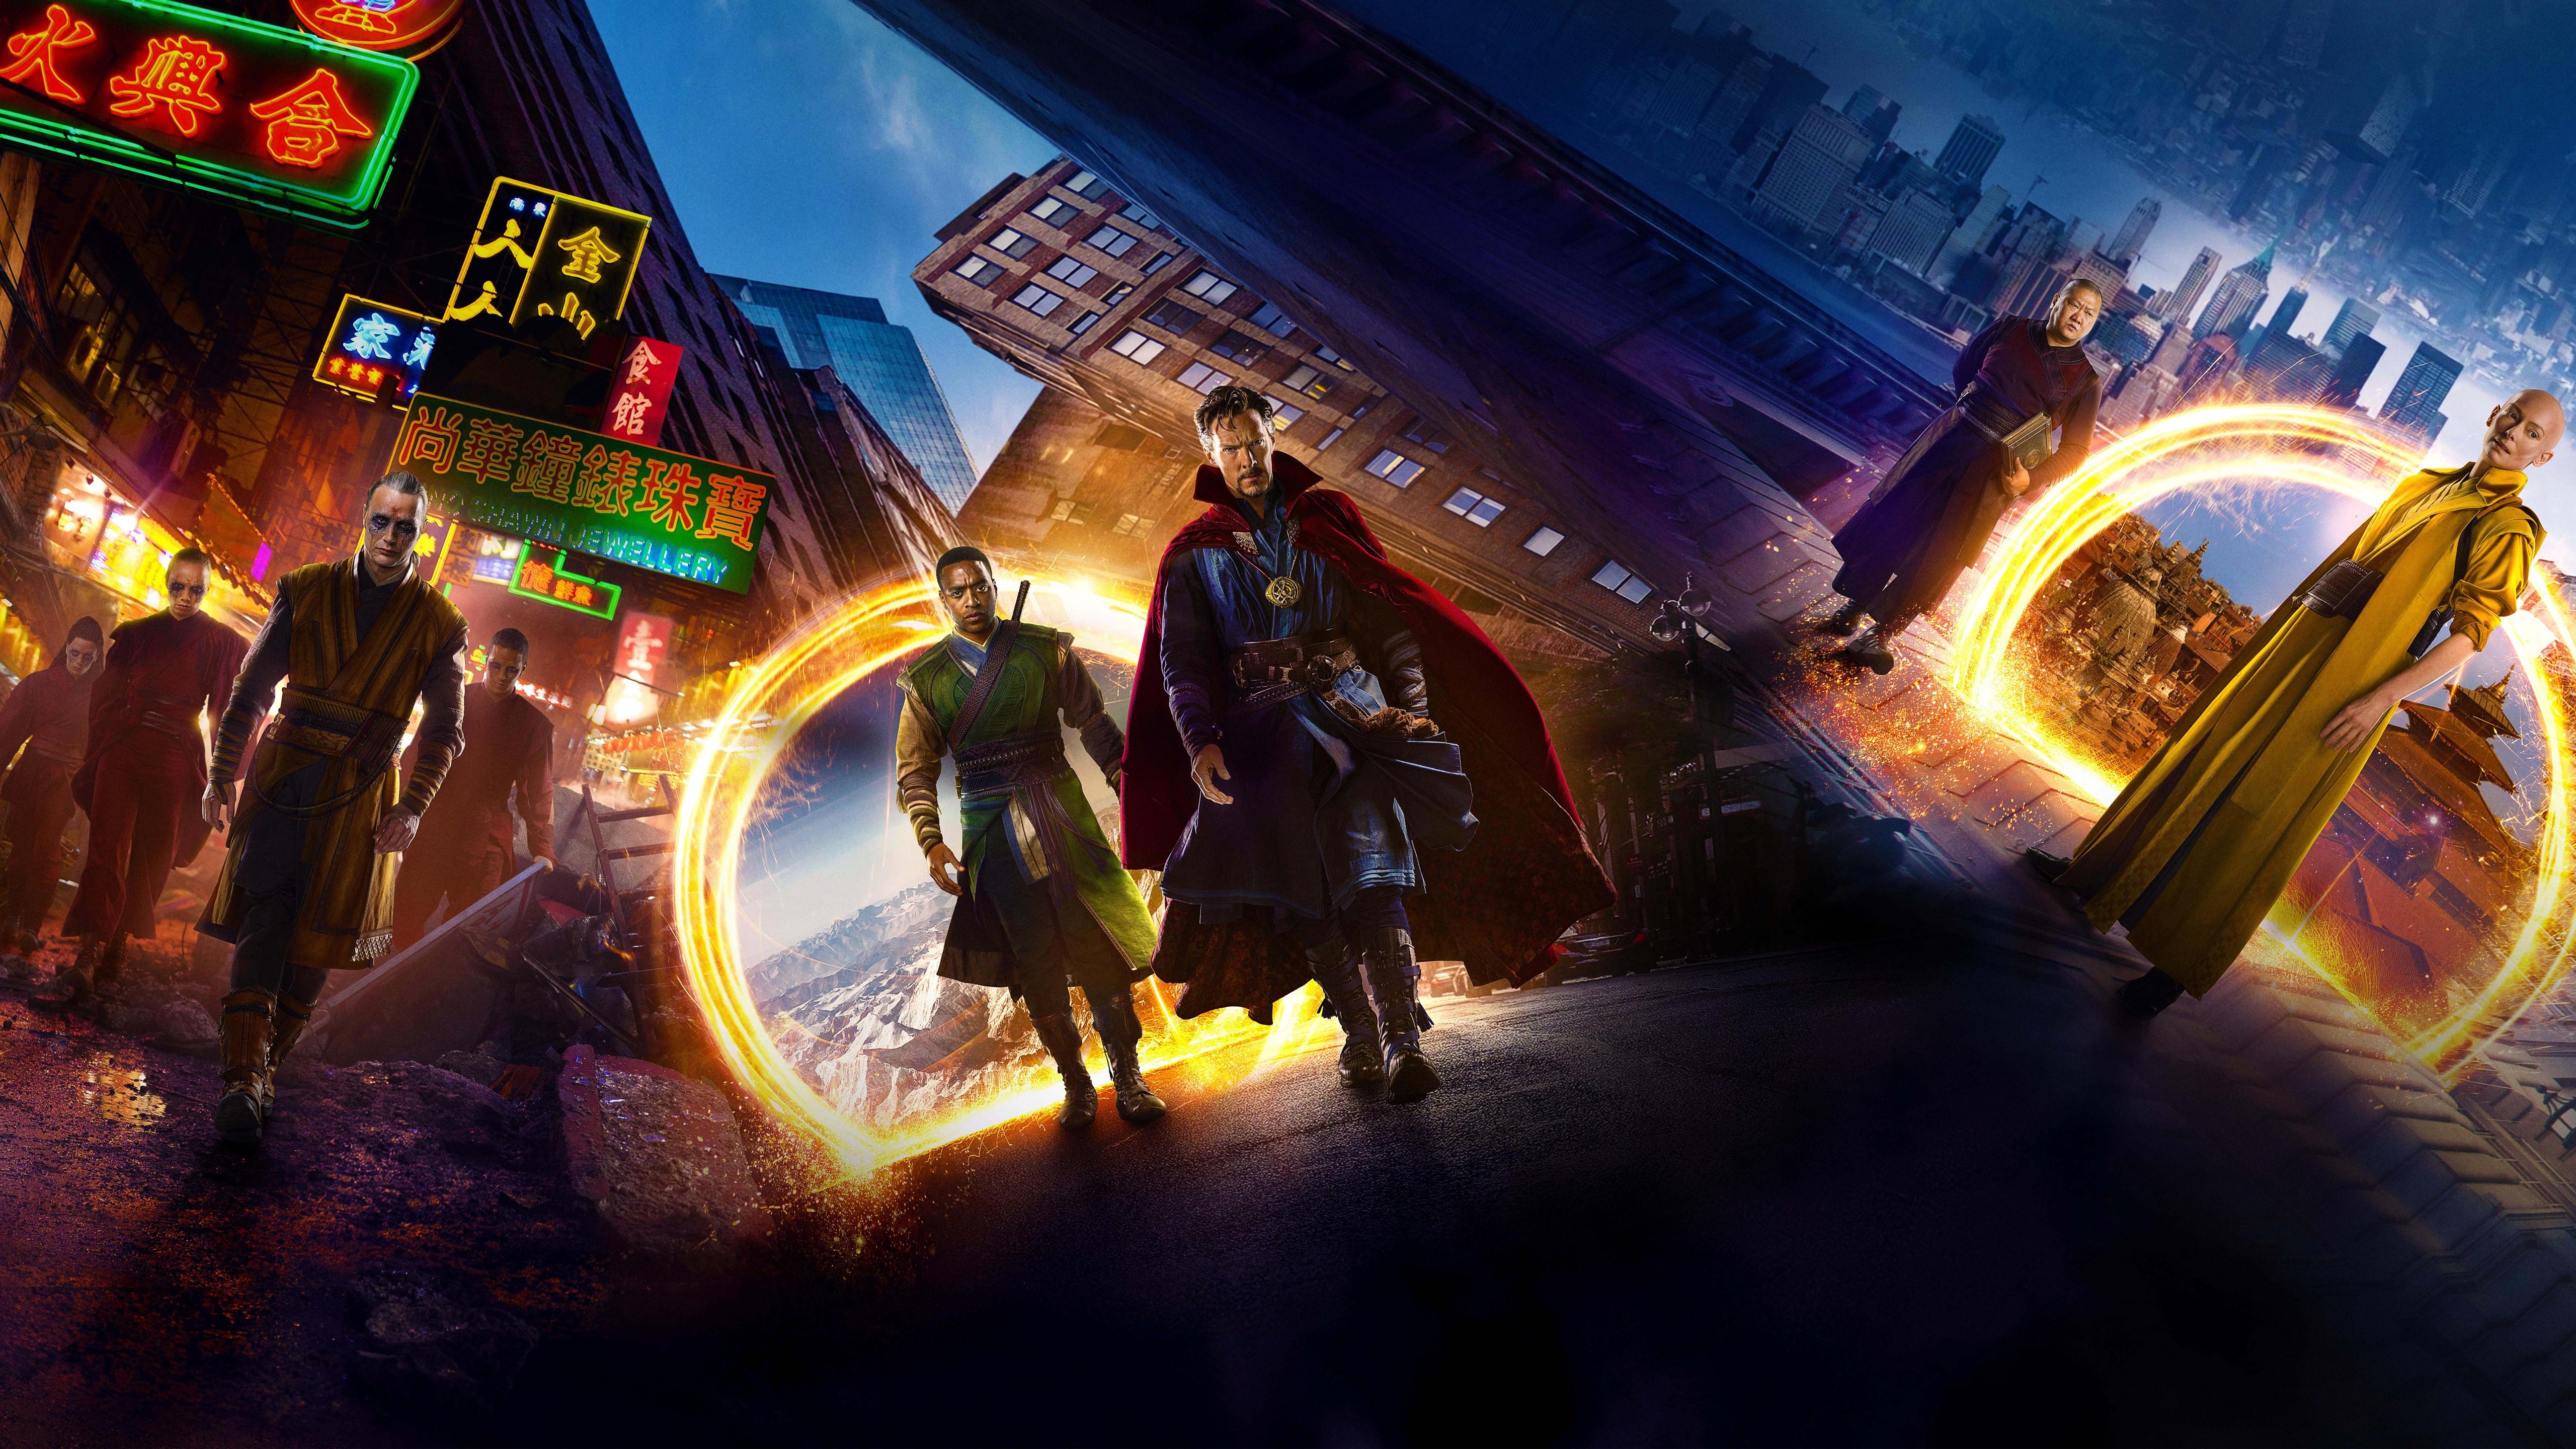 Doktor Strange - w kogo zamienił się Kaecilius? Zobacz szkic tajemniczych istot